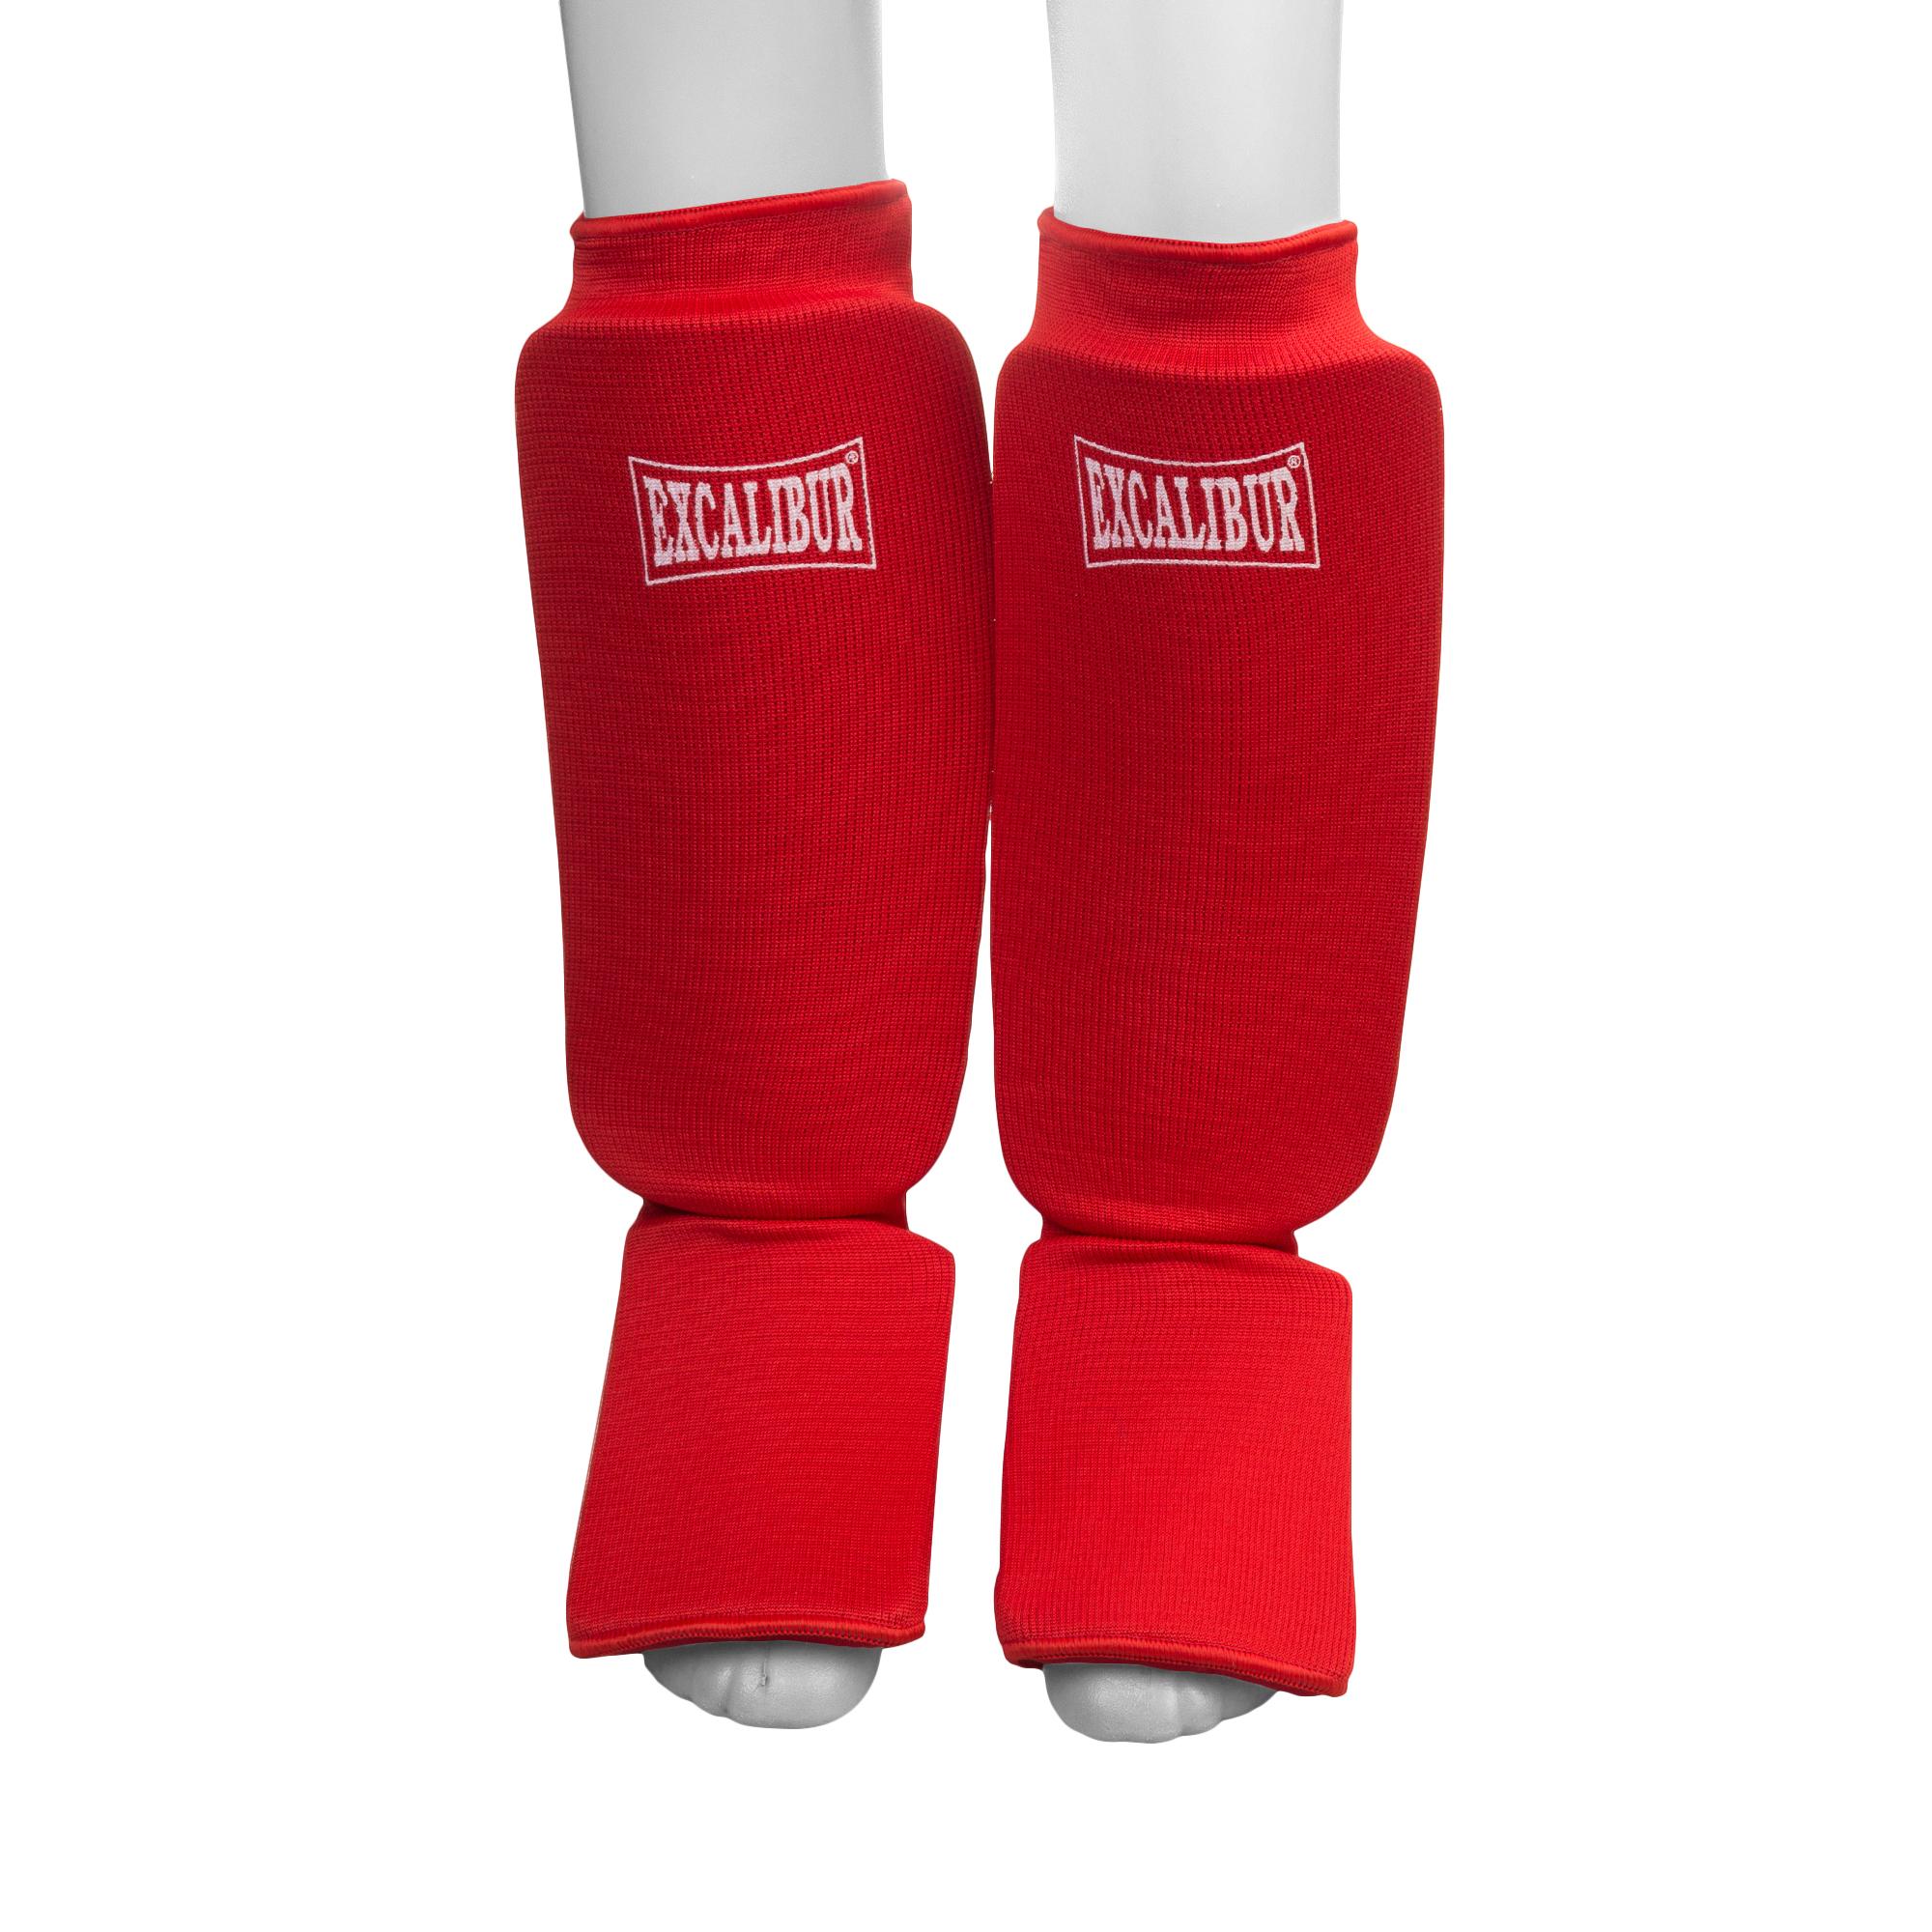 Щитки голень-стопа Excalibur 1104-Red<br>Вес кг: 900.00000000;